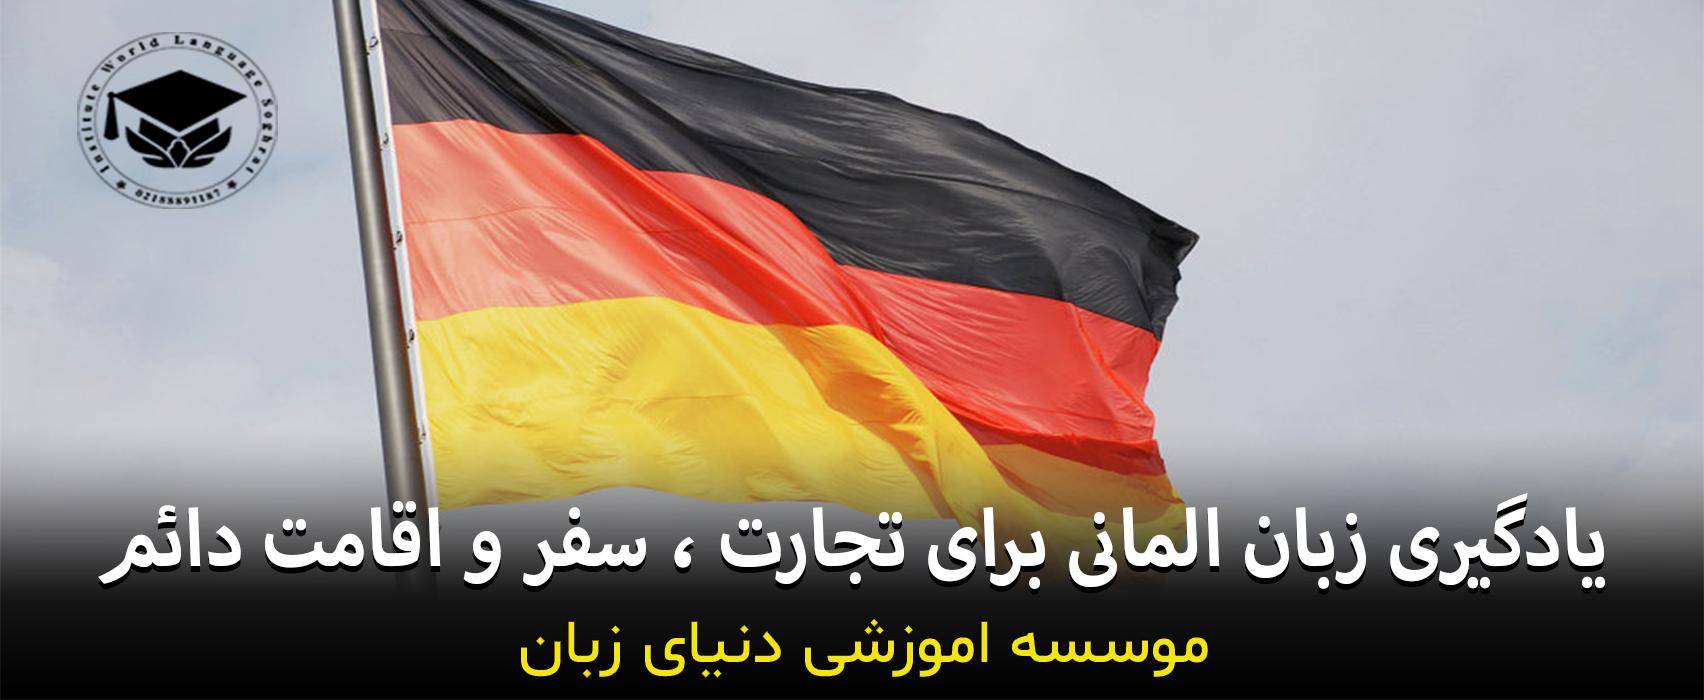 تدریس خصوصی زبان آلمانی در تجریش یا حکمت